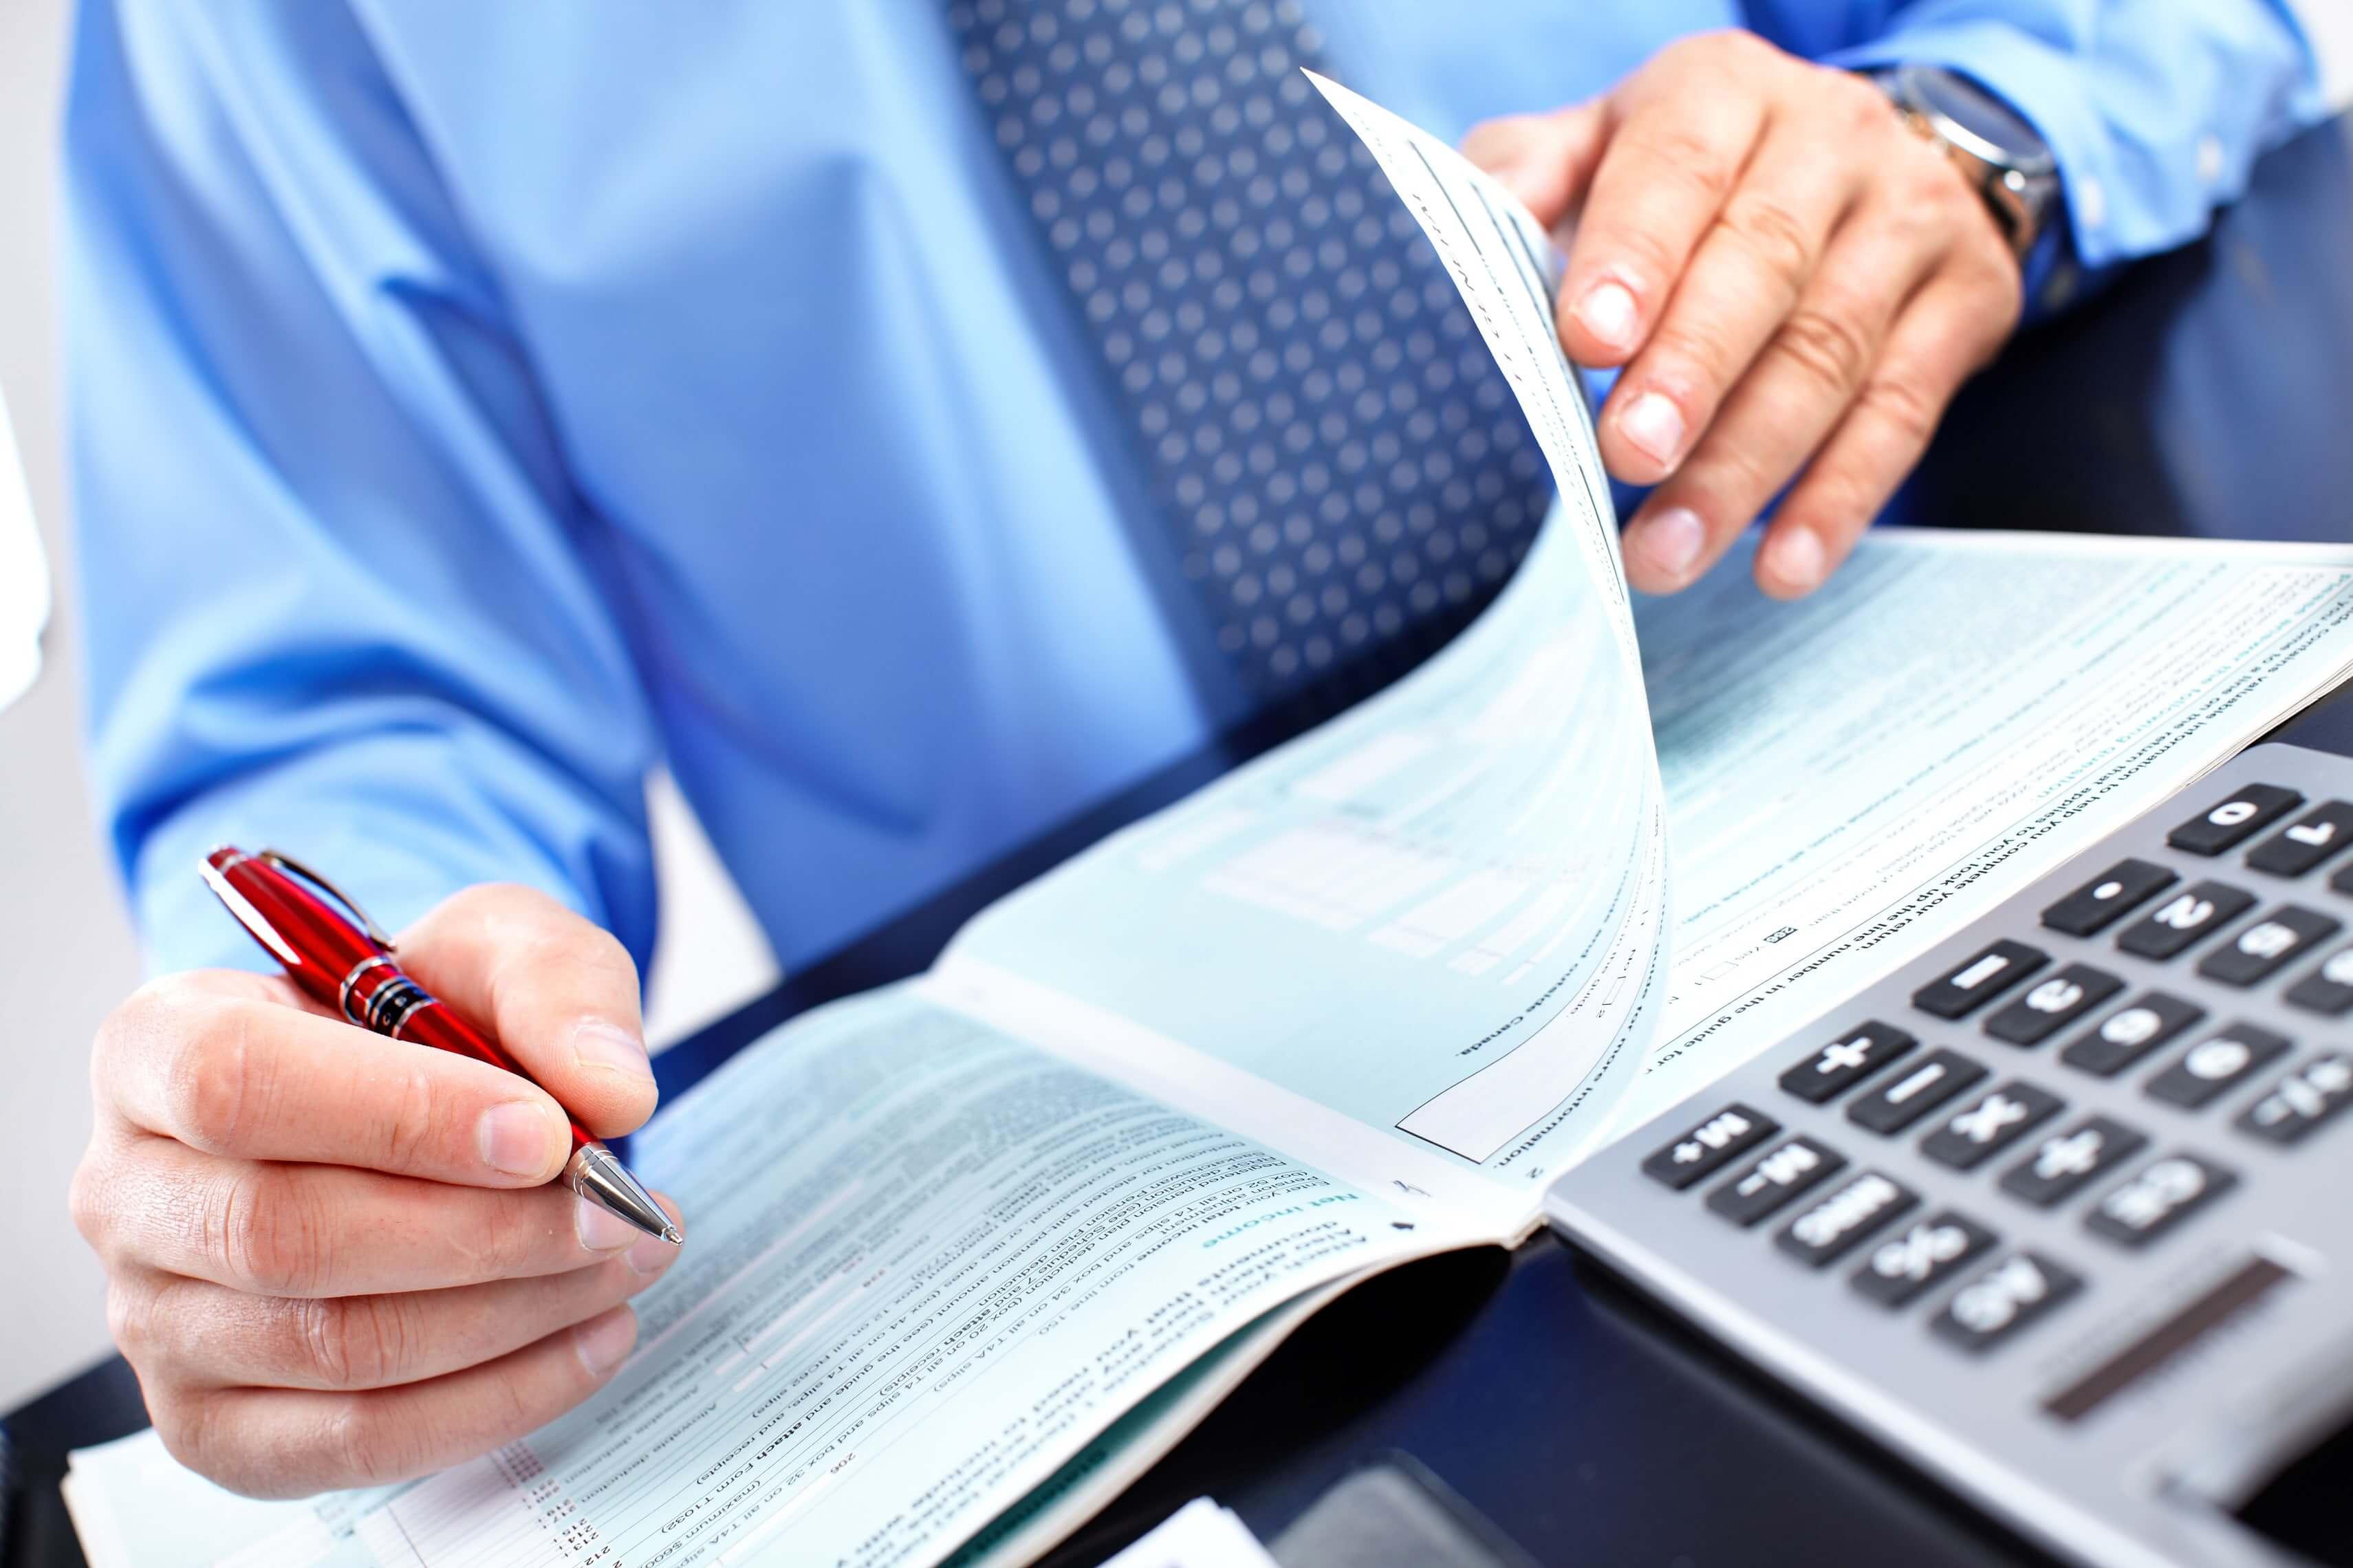 contabilidade e uma forma de Prestacao de Serviços Pela Internet